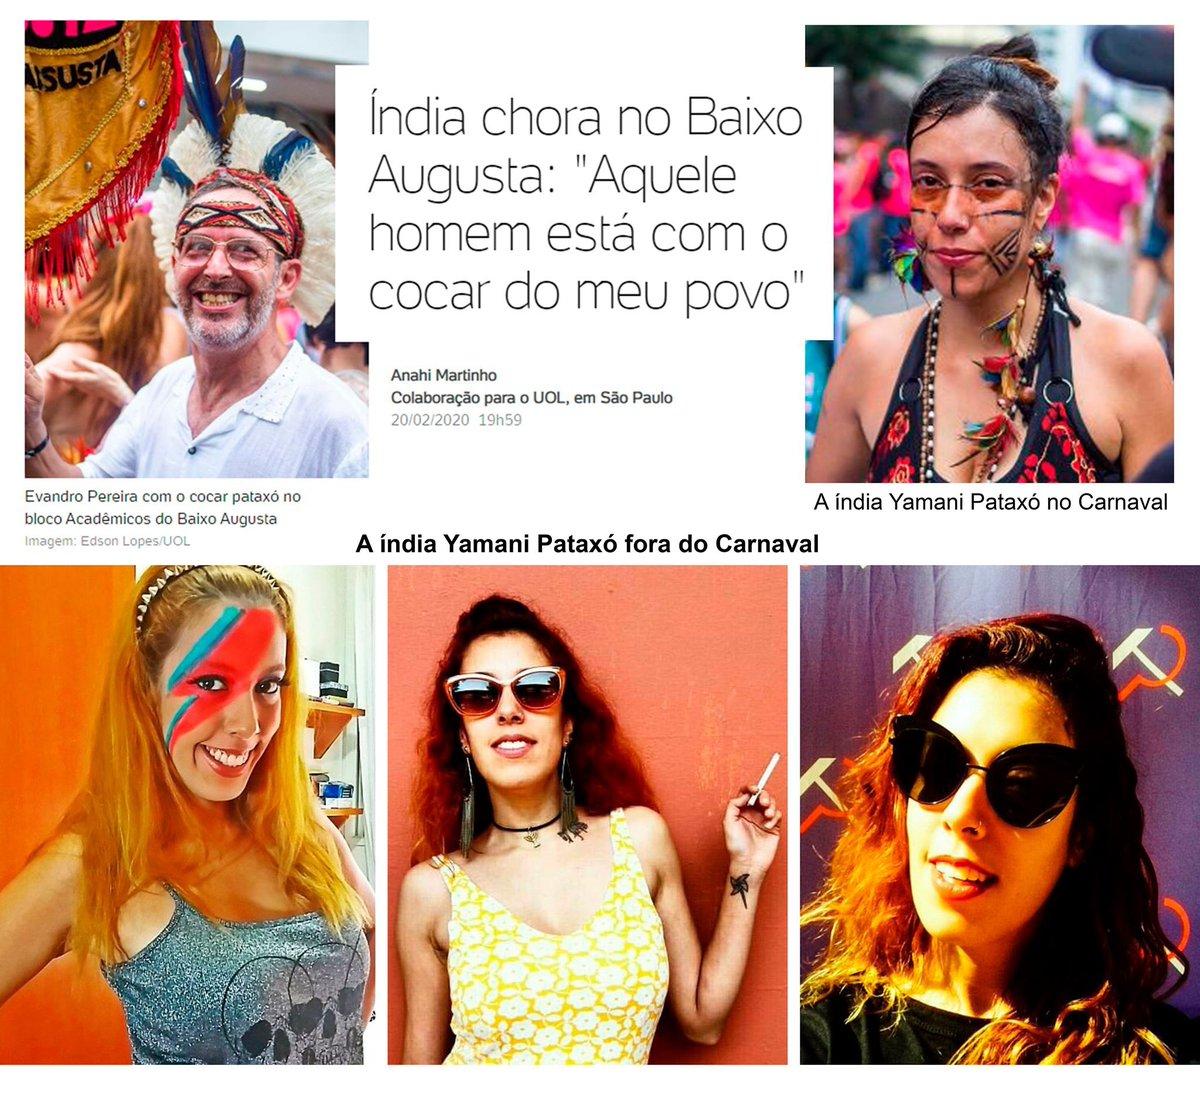 """Depois do """"diz leitor"""", o @UOLNoticias criou o """"diz índia"""" - como sabemos, são todos avatares da turminha lacradora da redação."""